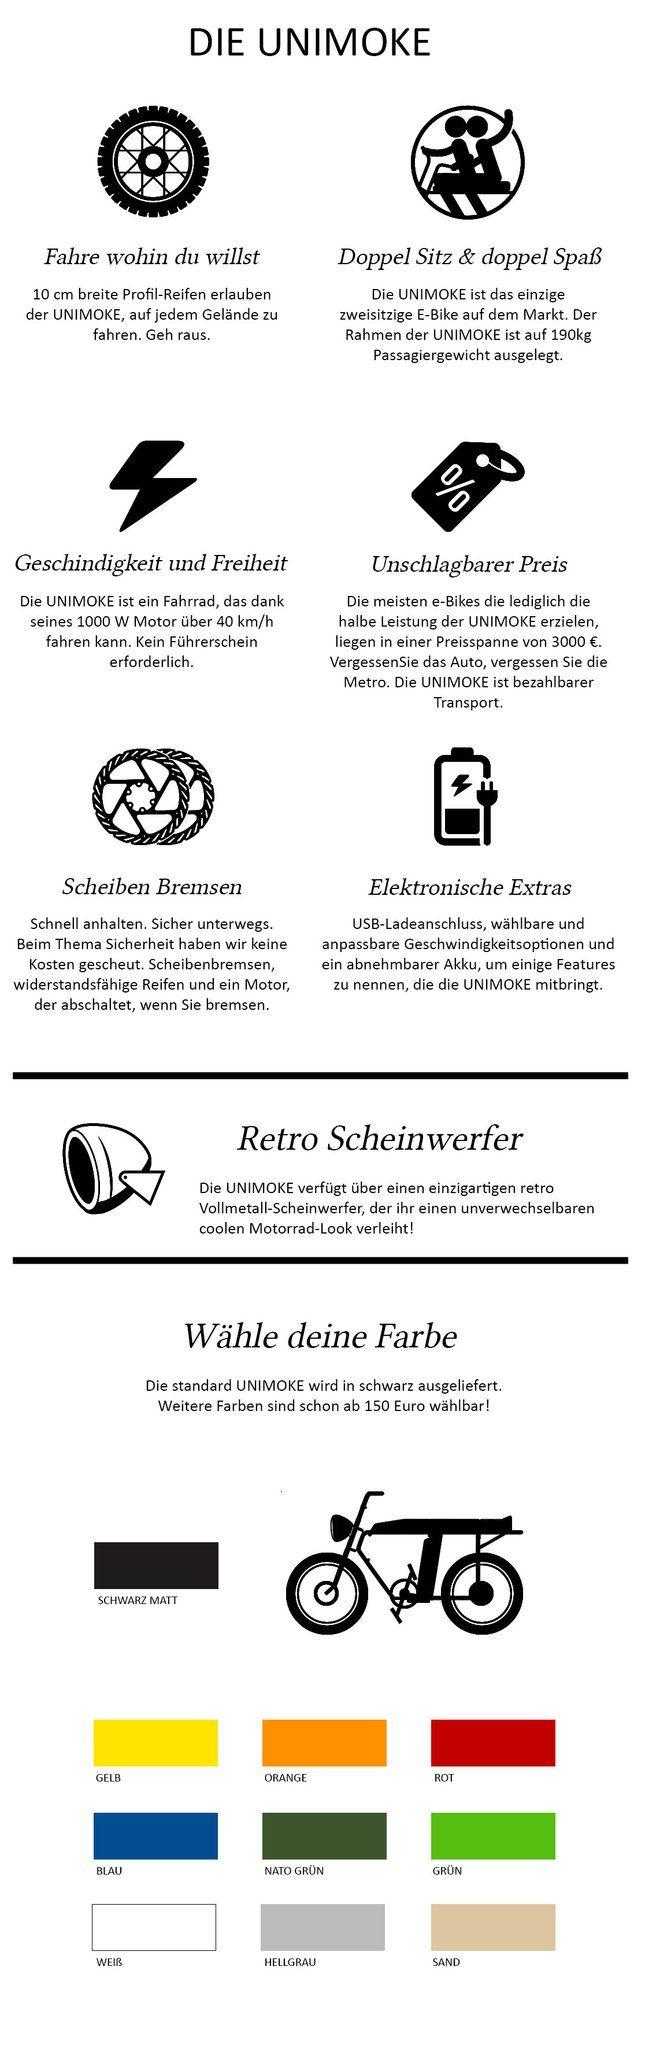 Ungewöhnlich Bezahlbaren Rahmen Ideen - Rahmen Ideen ...